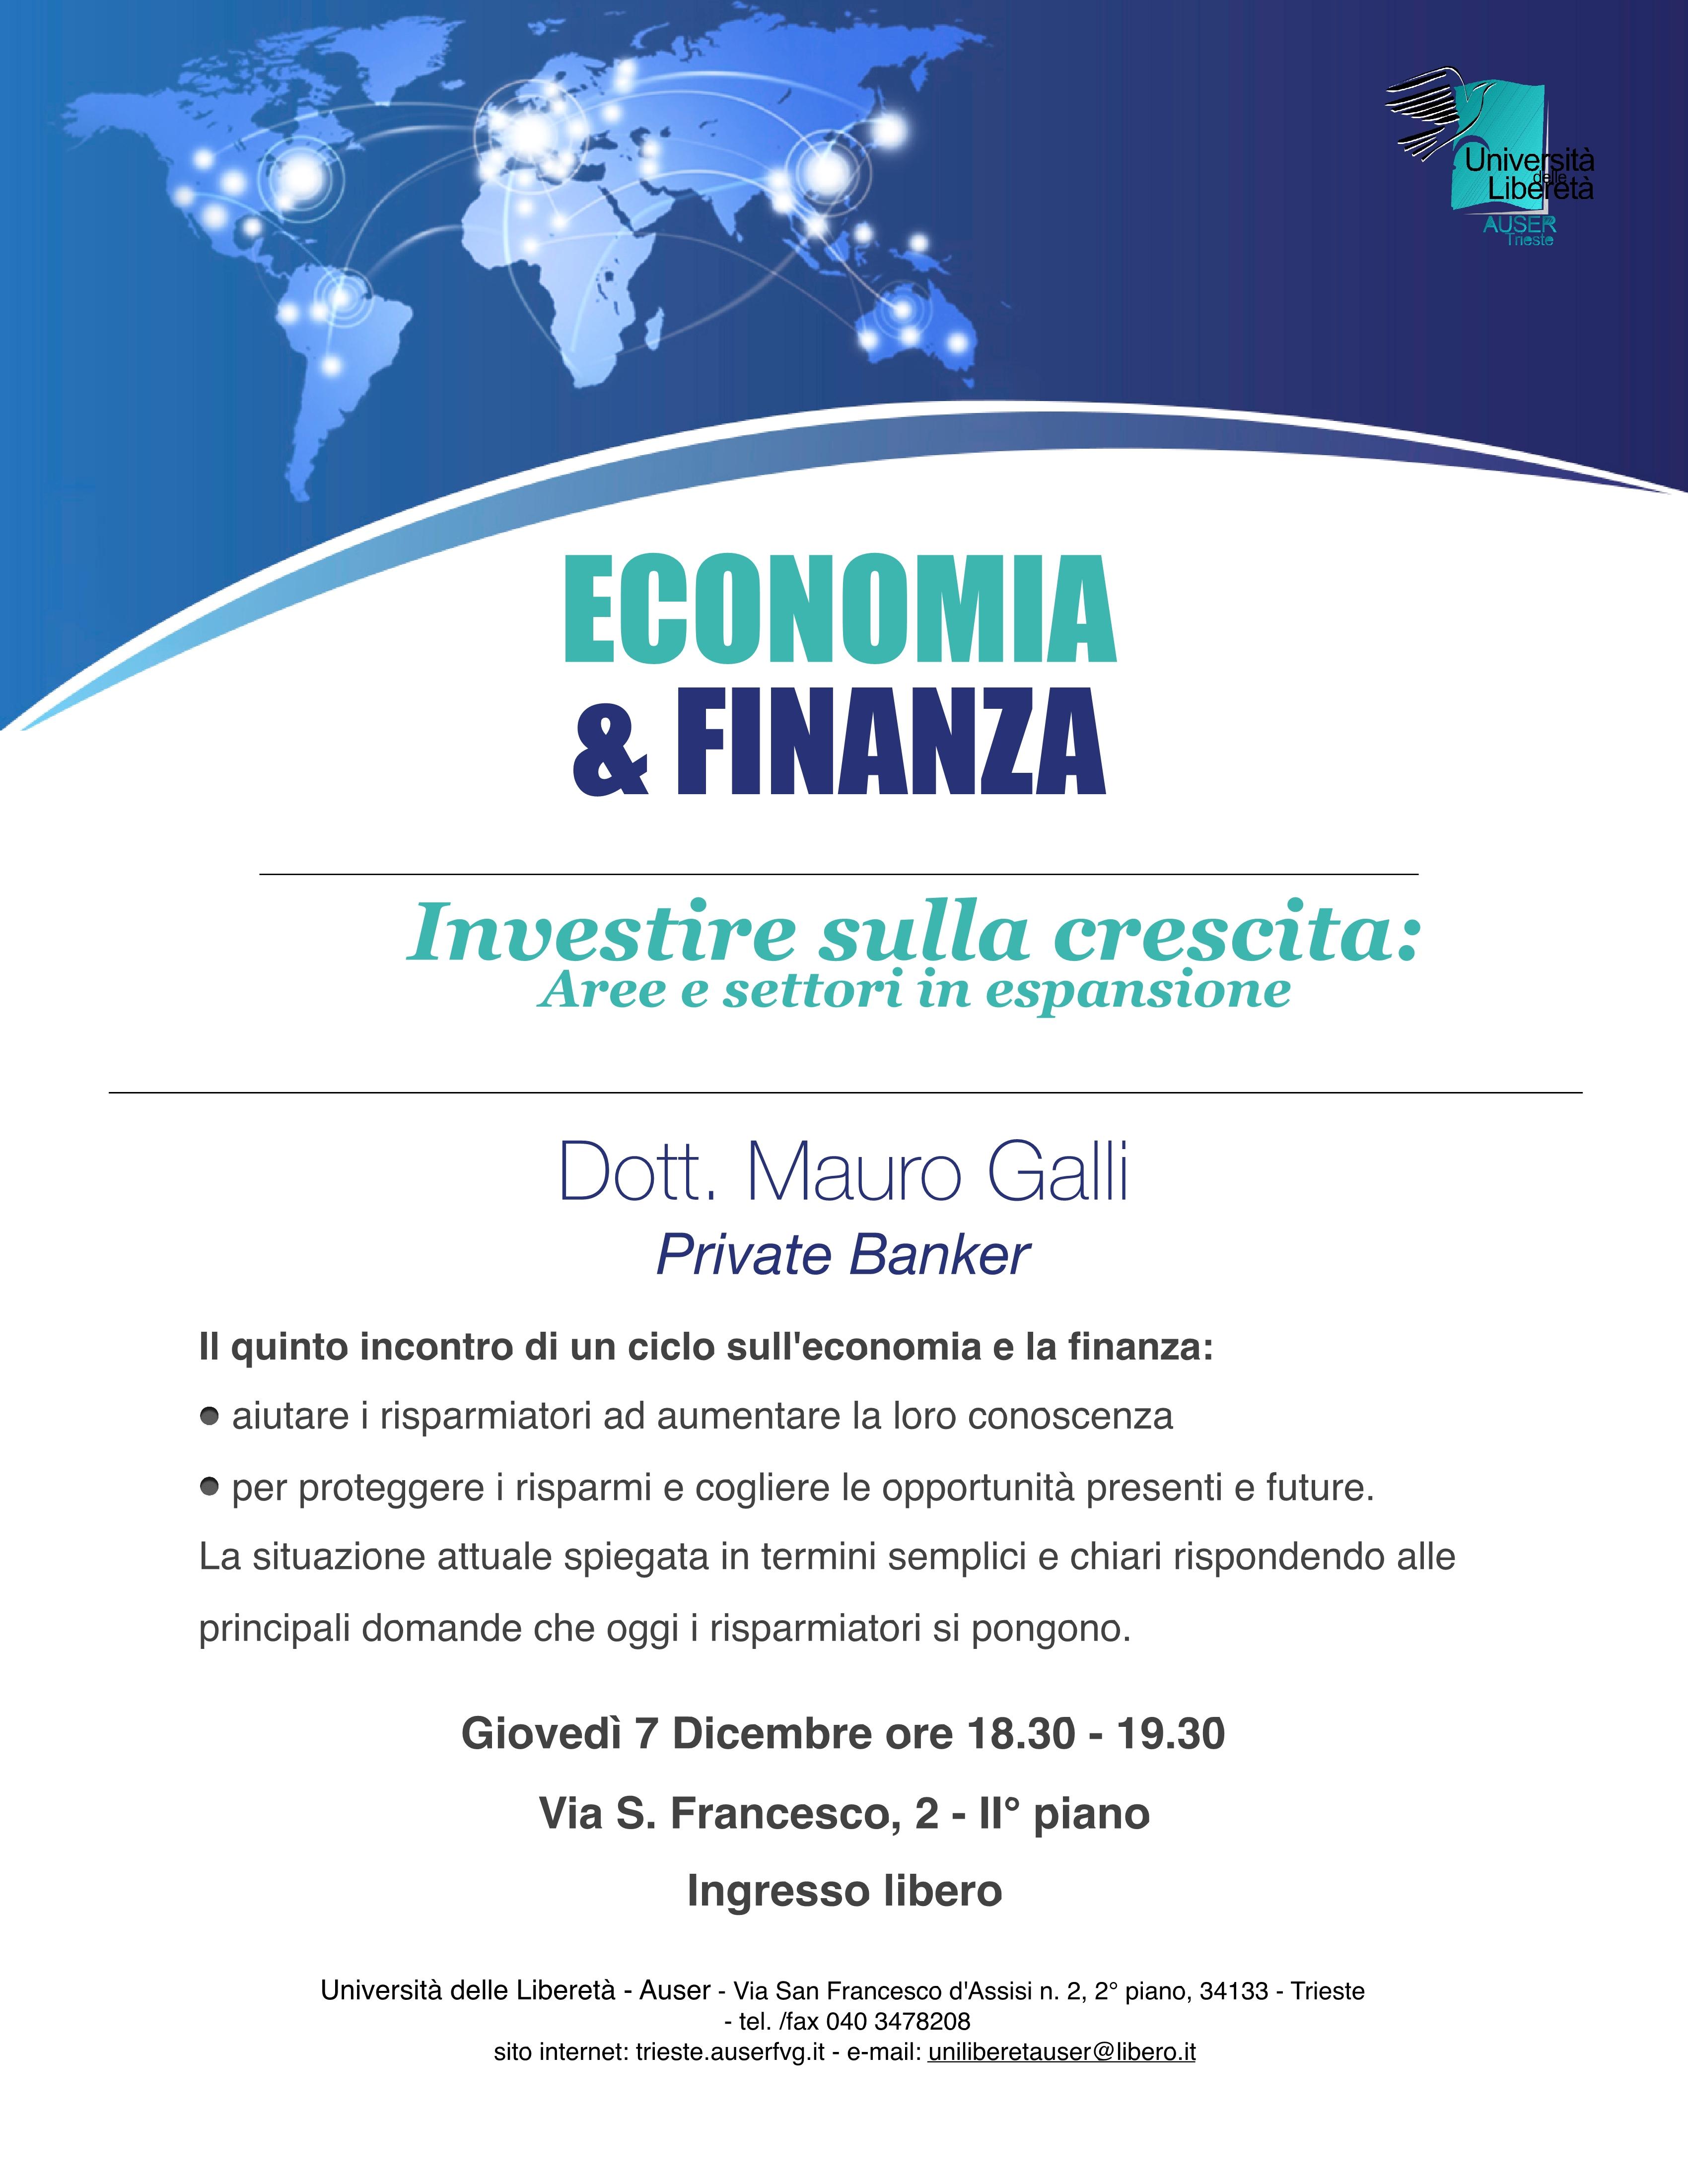 Economia e finanza 7 dicembre1